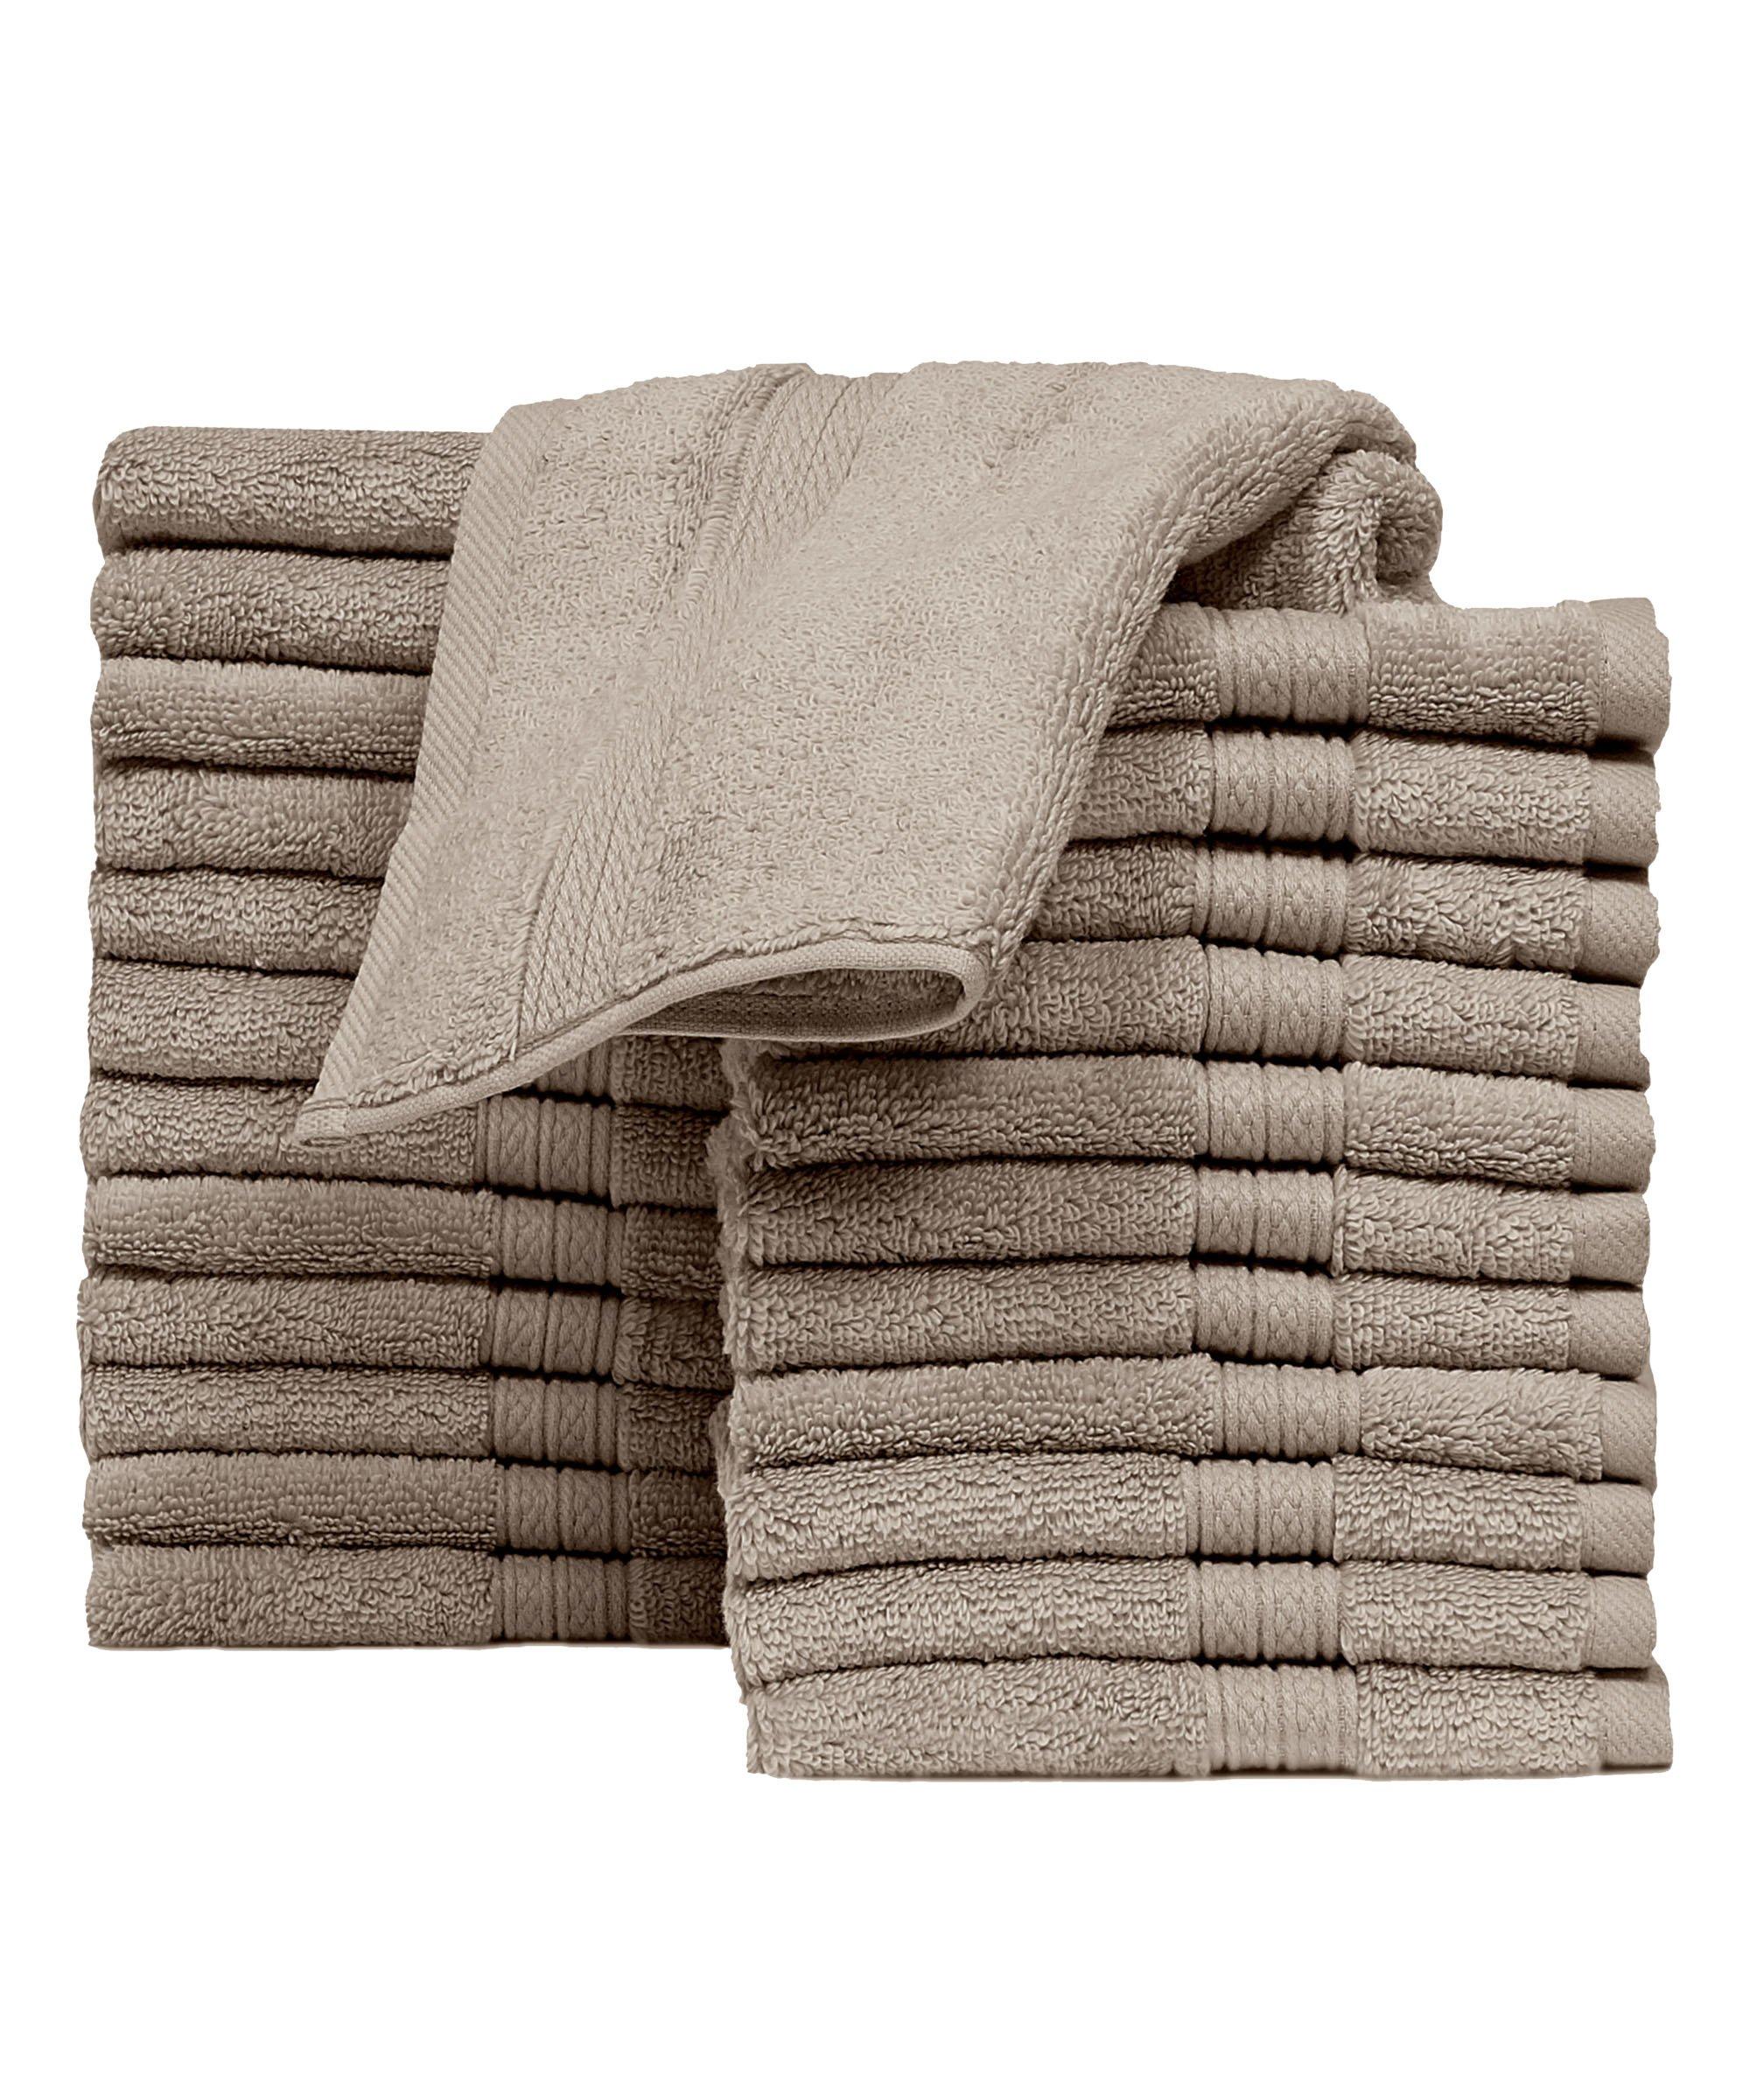 Casa Platino 100% Cotton 24 pack washcloths face towels set, Machine Washable, Super Soft, super zero twist towels (linen)